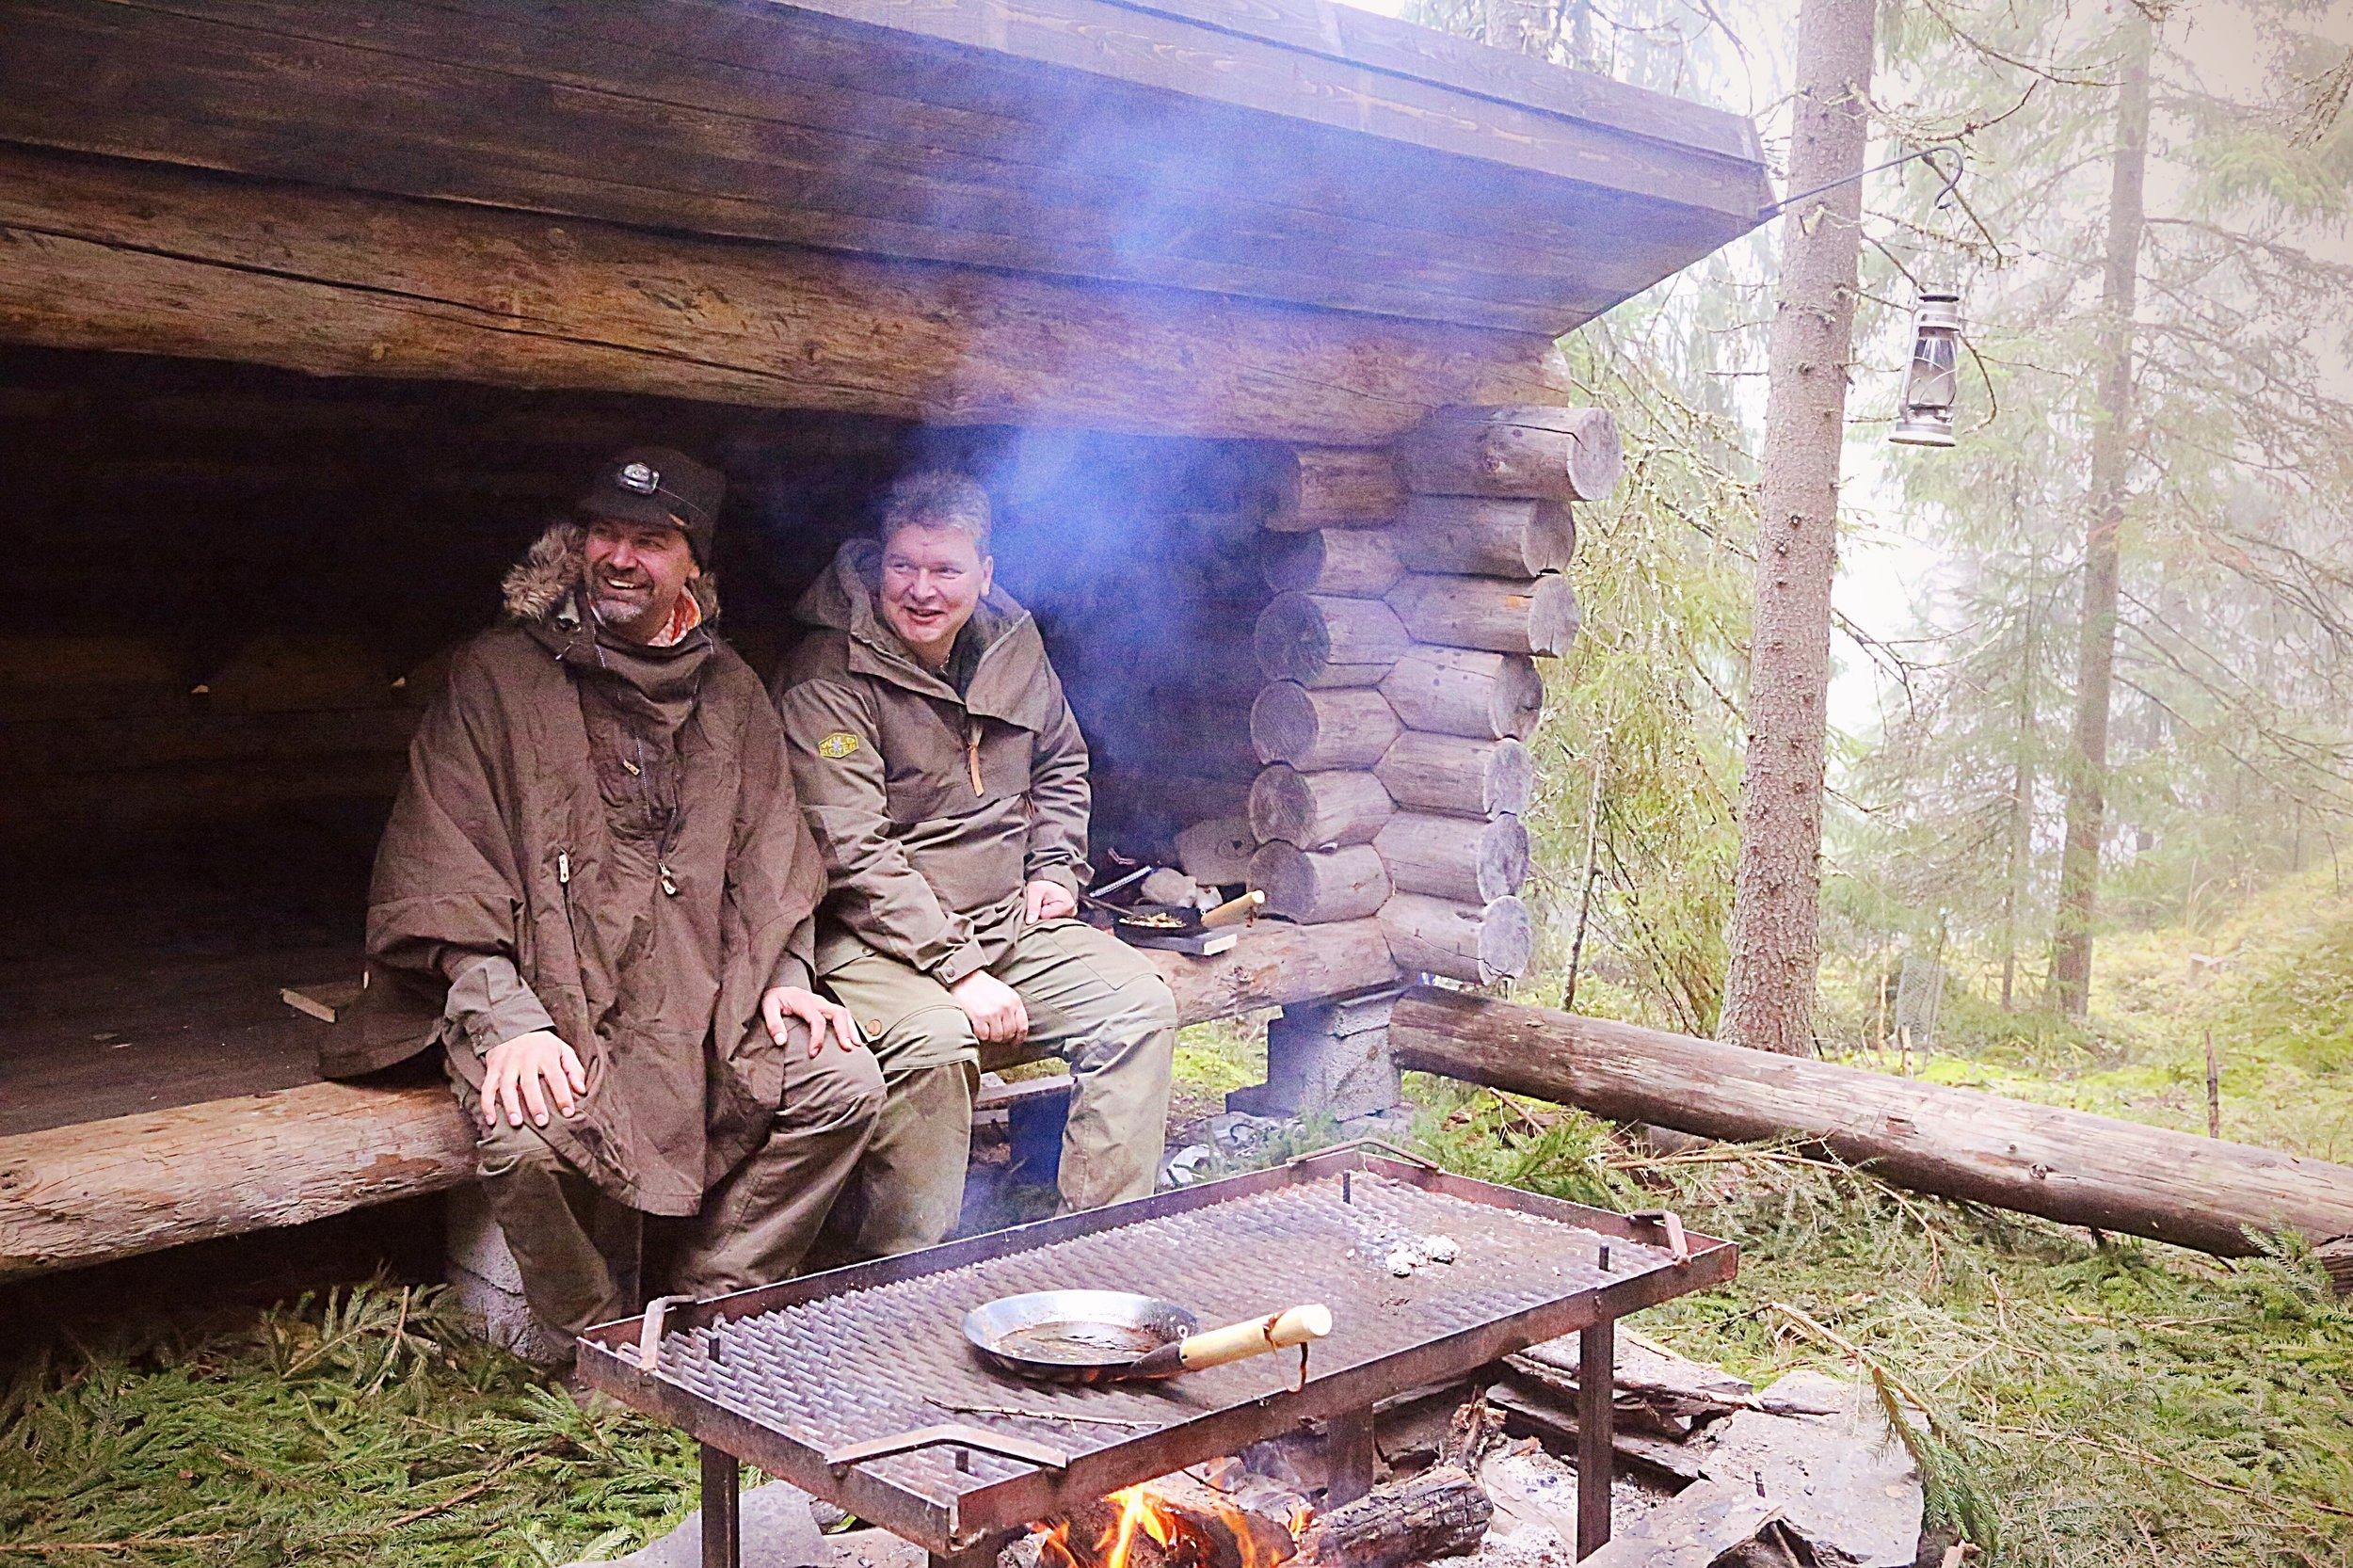 Johan Skullman ja Joppe Ranta laavutukikohdassa eteläisessä Suomessa.